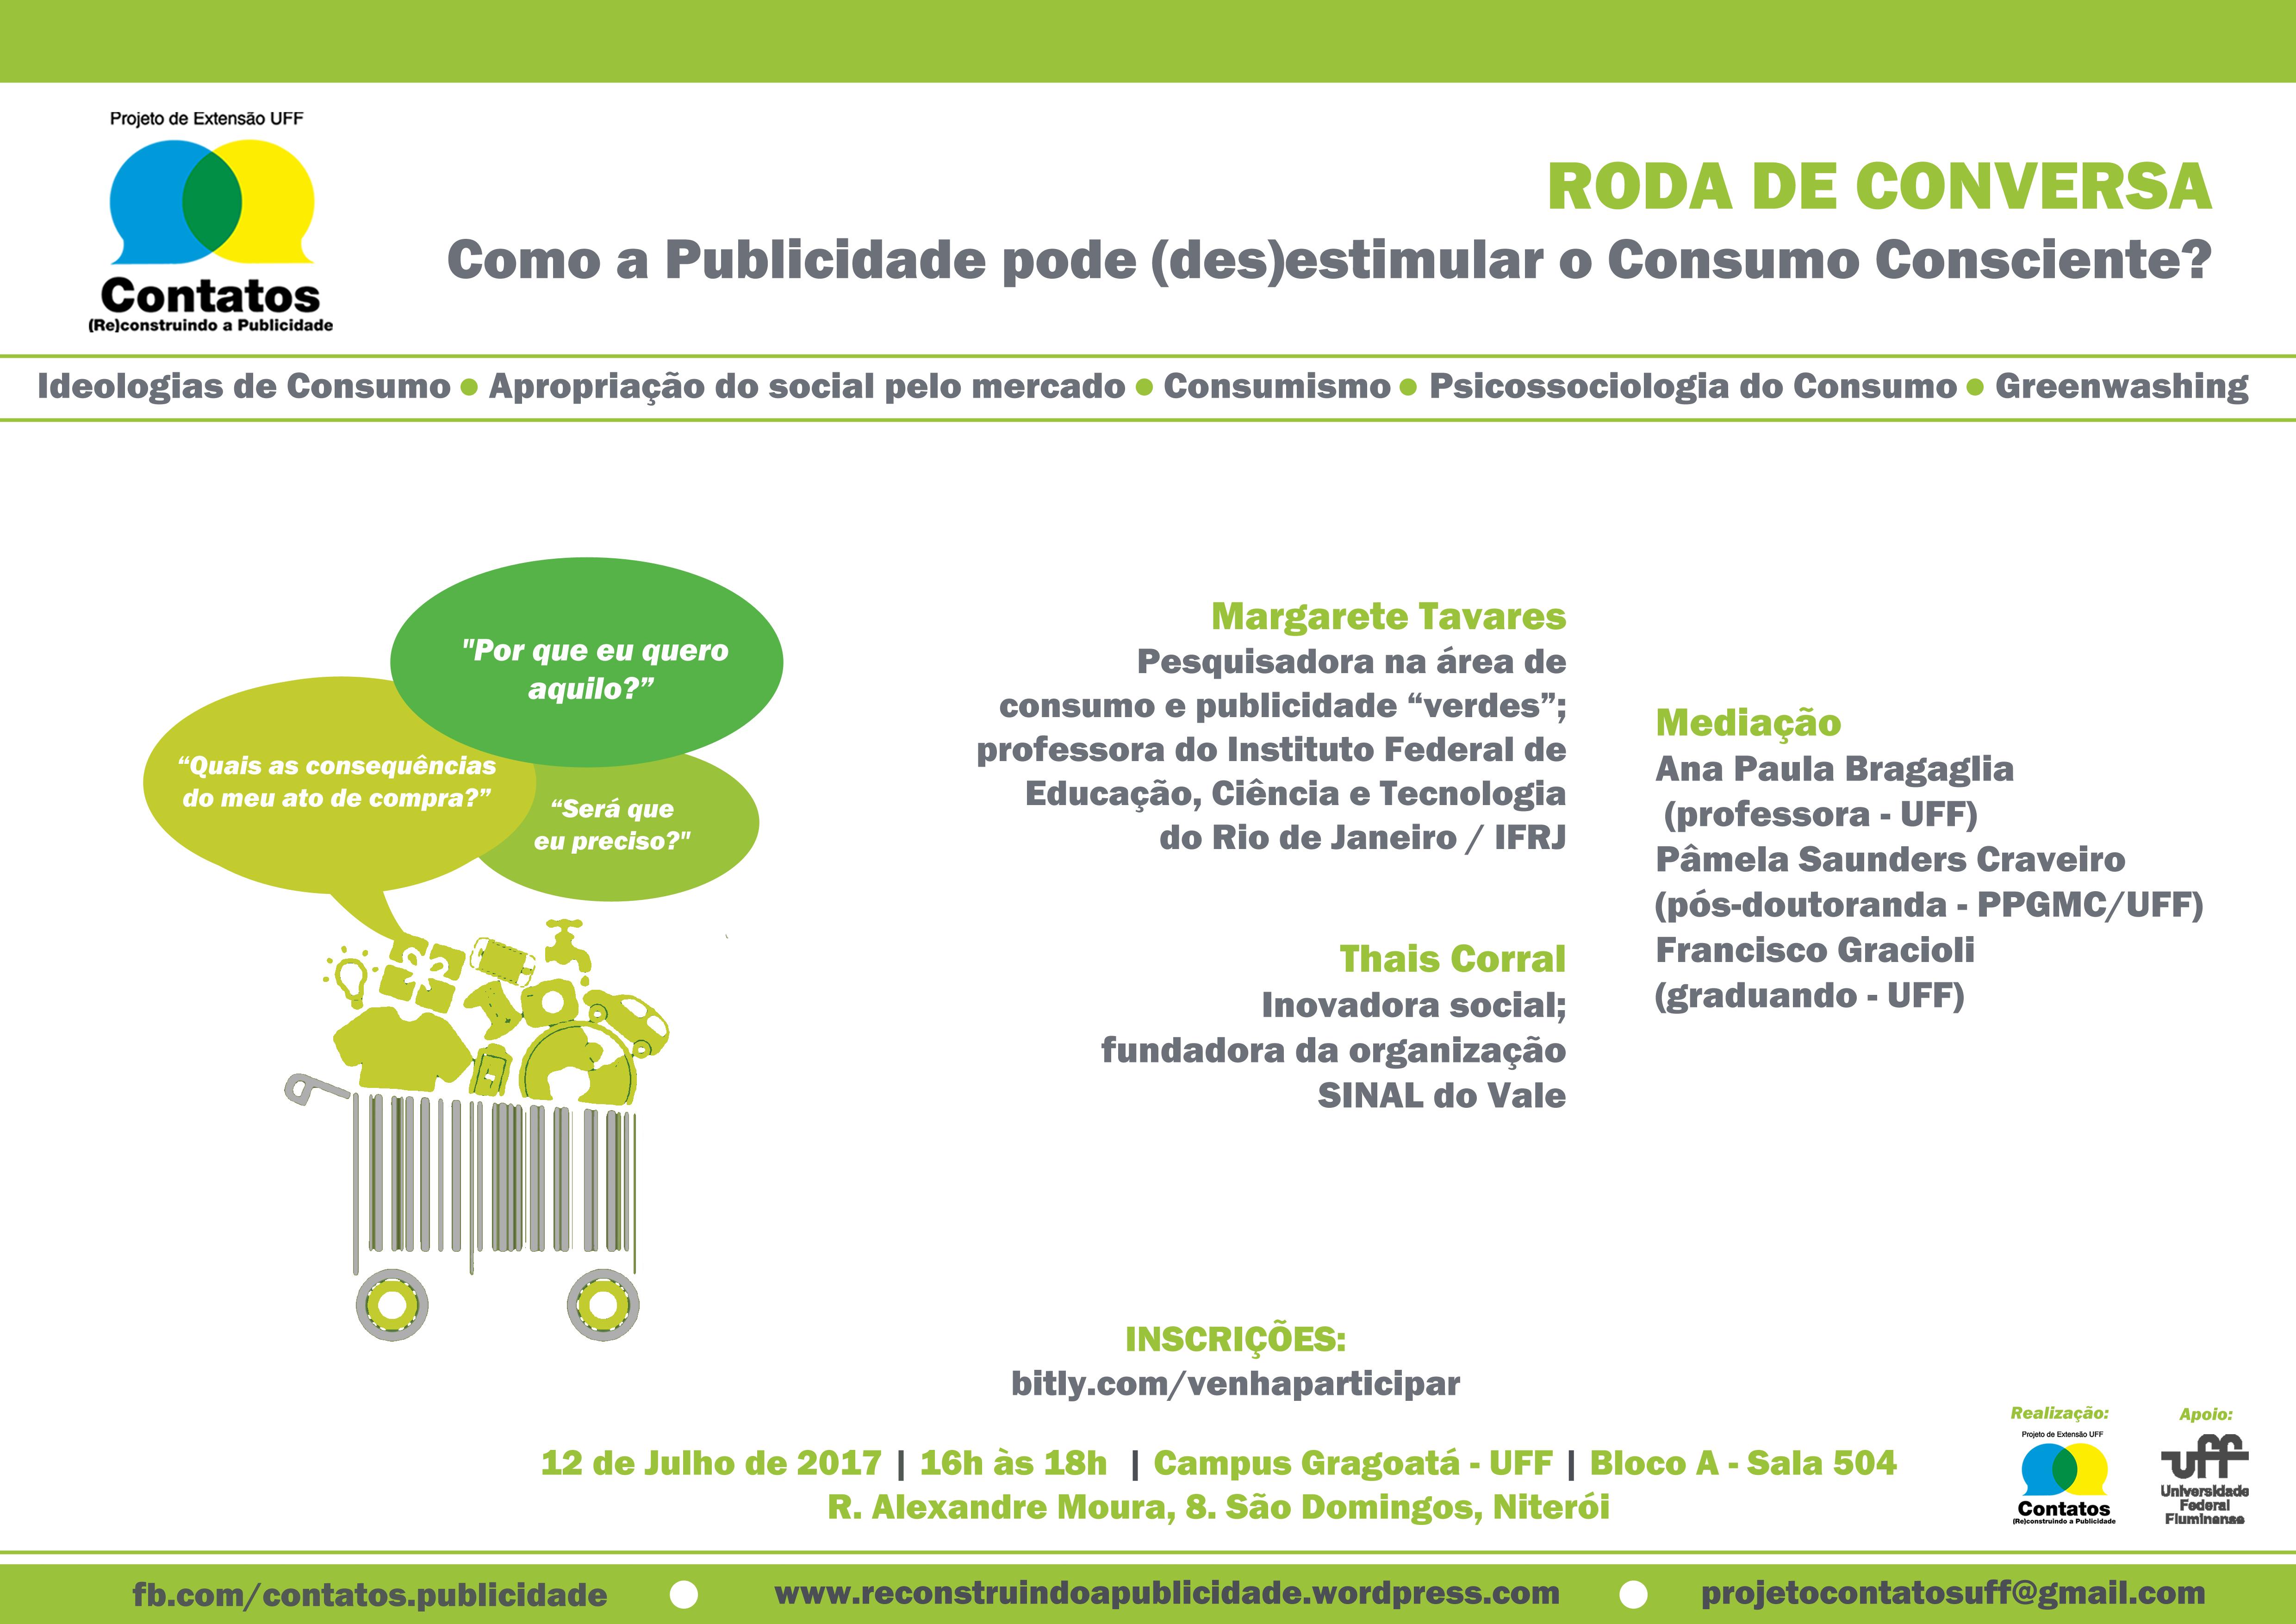 CONTATOS_RODA_DE_CONVERSA_UFF